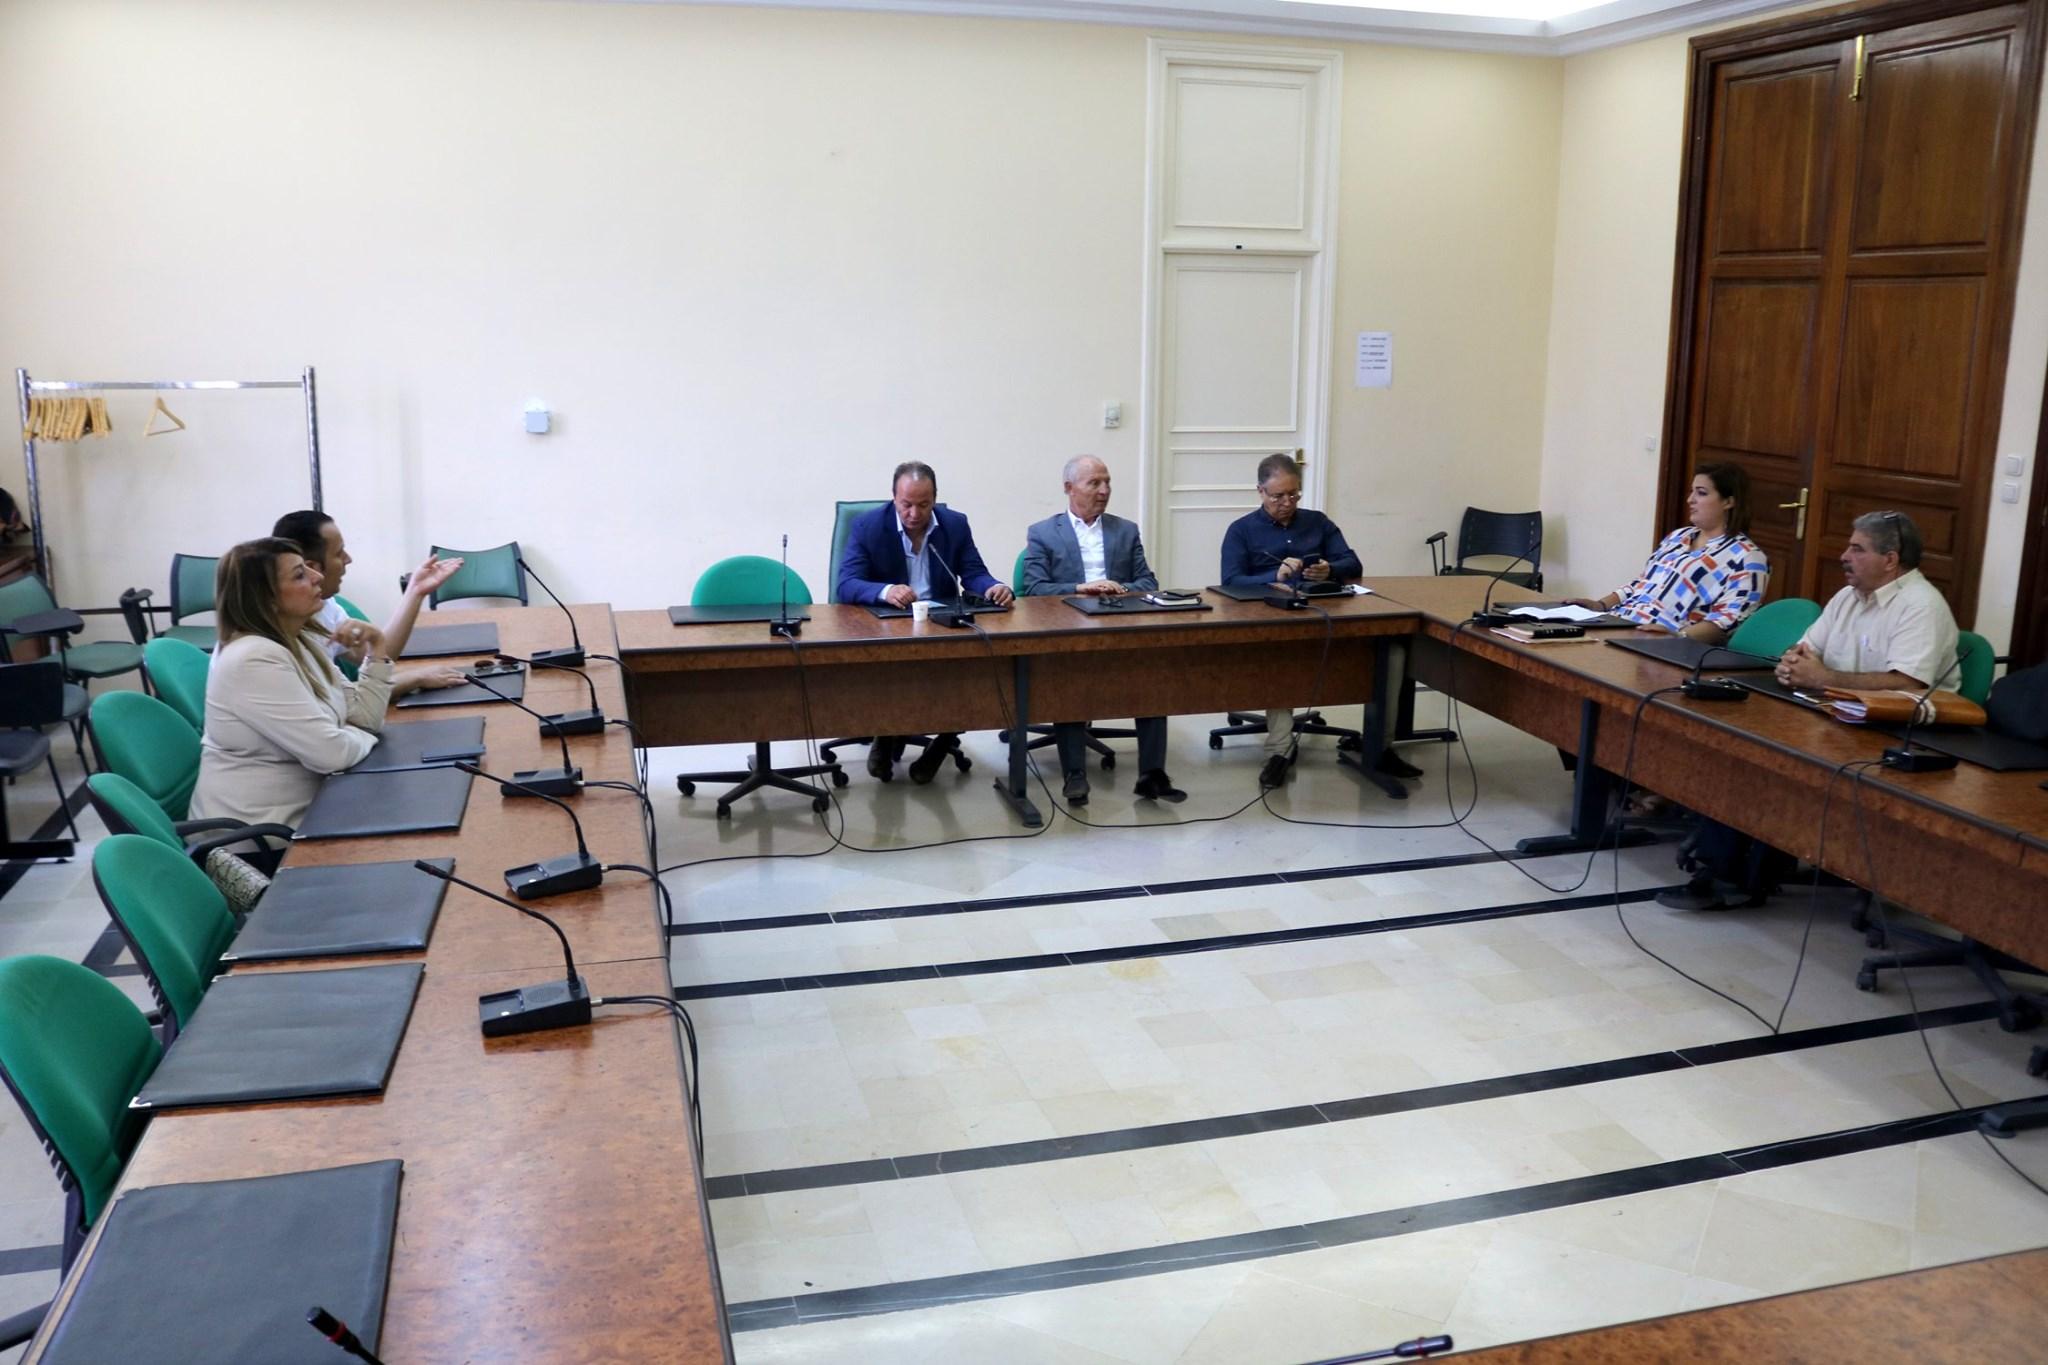 الكتلة الوطنية تدعو لانتخاب رئاسة جديدة للبرلمان وإنارة الرأي العام حول ملف الفخفاخ